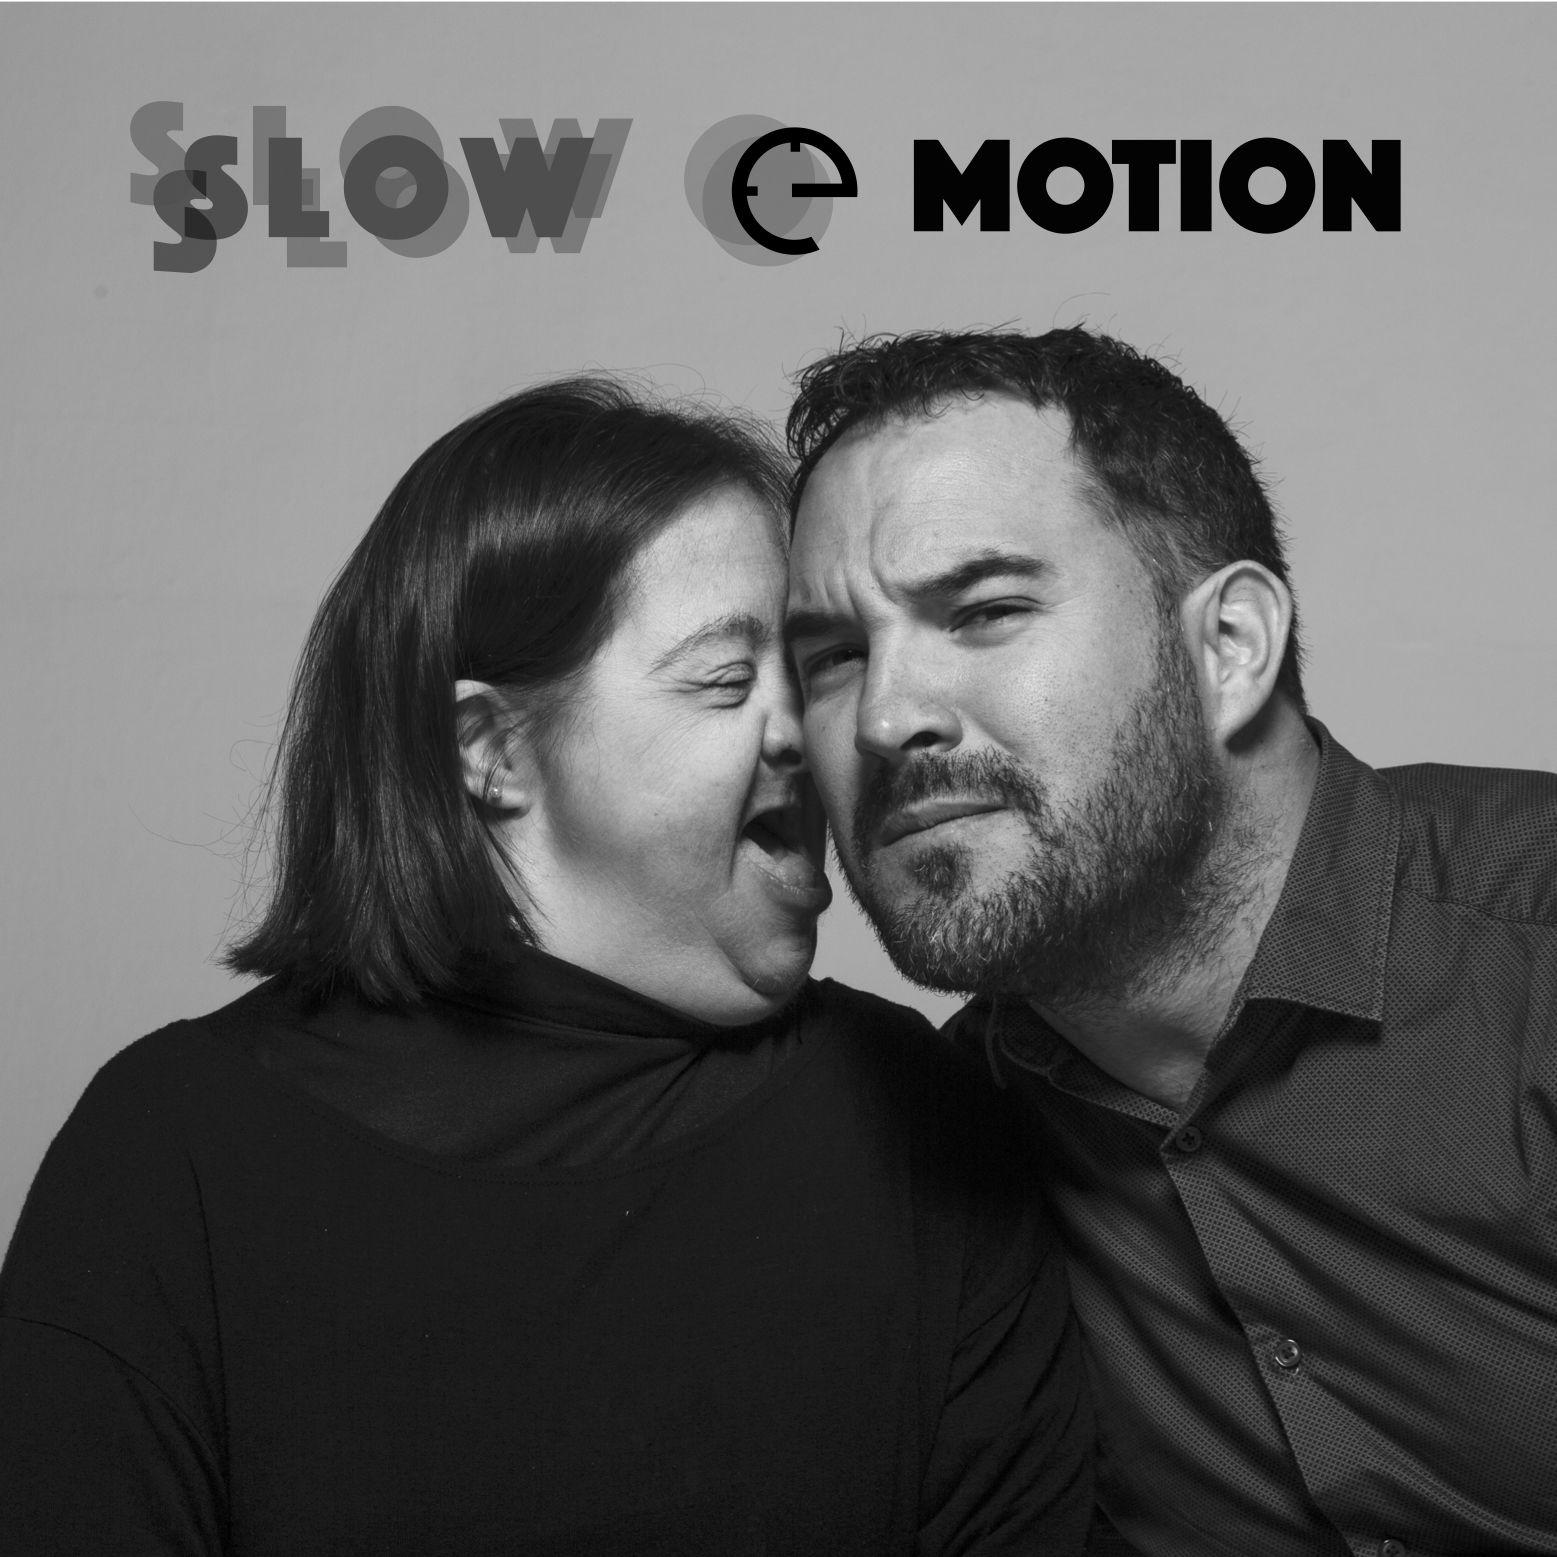 Slow e-motion